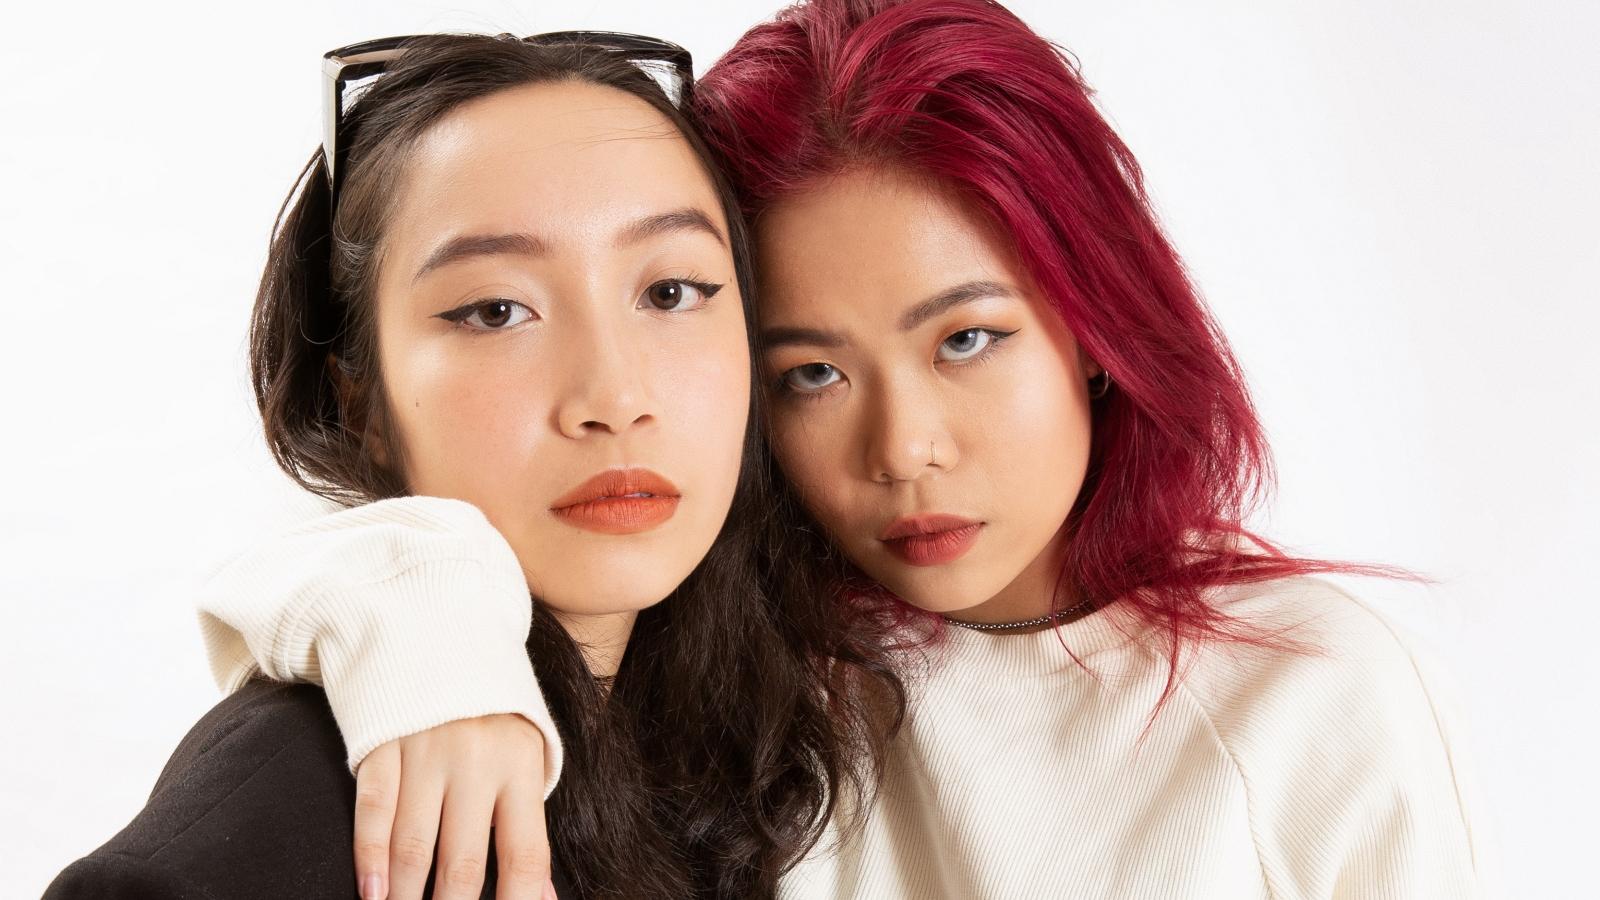 Tlinh và con gái diva Mỹ Linh góp giọng trong ca khúc tri ân bác sĩ chống dịch Covid-19